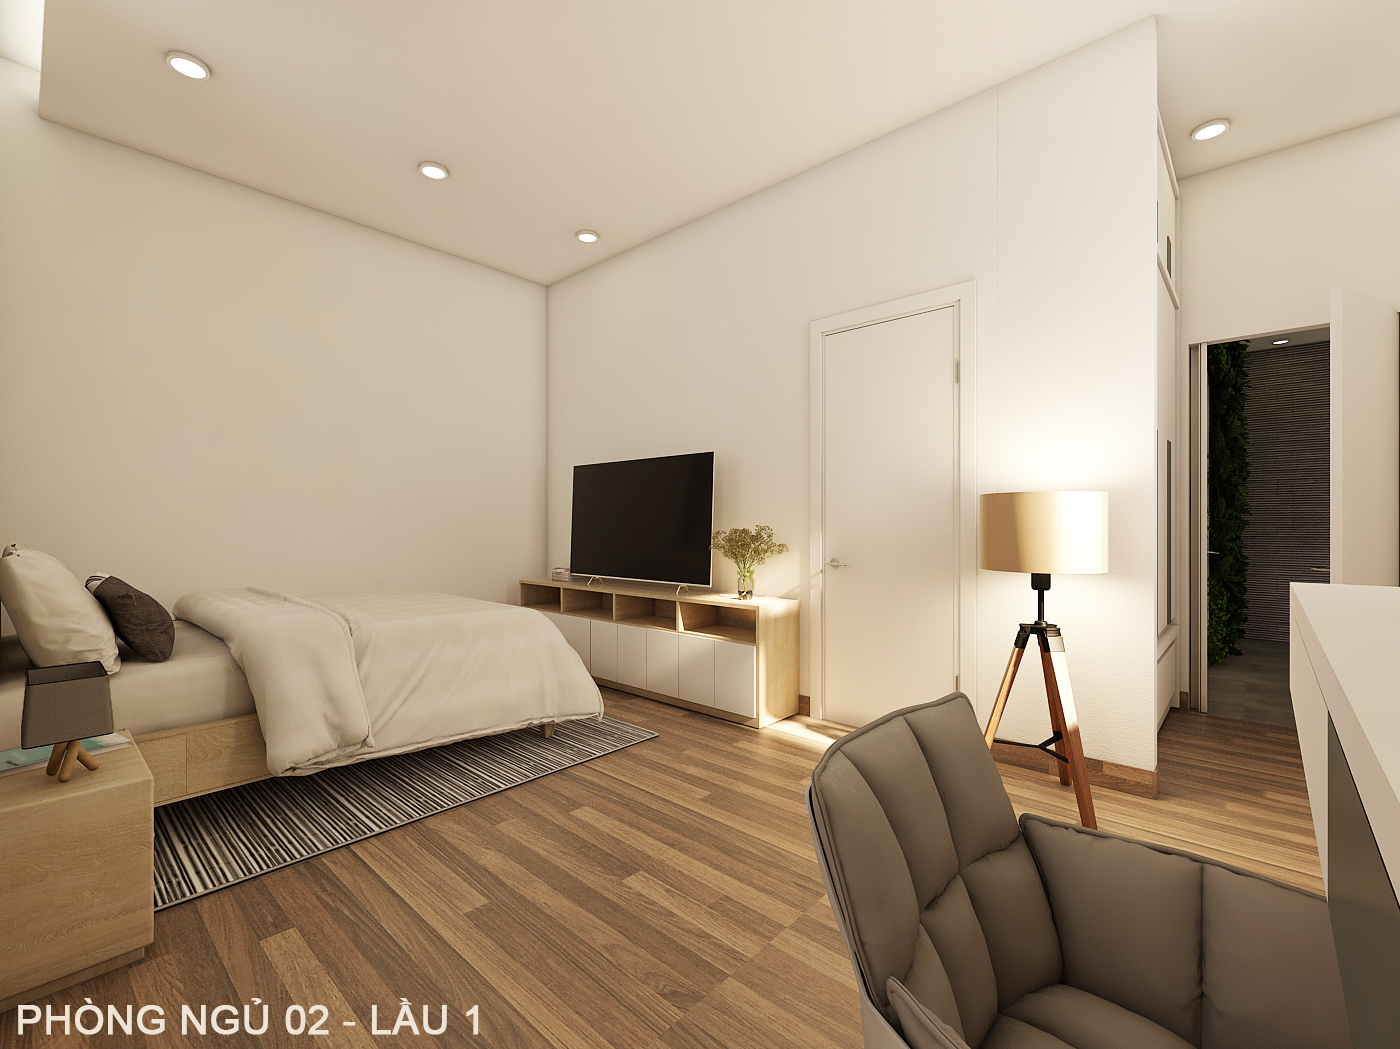 noi that hien dai biet thu 2 tang mini 4 [KHÔNG PHÁT SINH] xây nhà biệt thự 2 tầng ở Đồng Nai từ thiết kế đến hoàn công